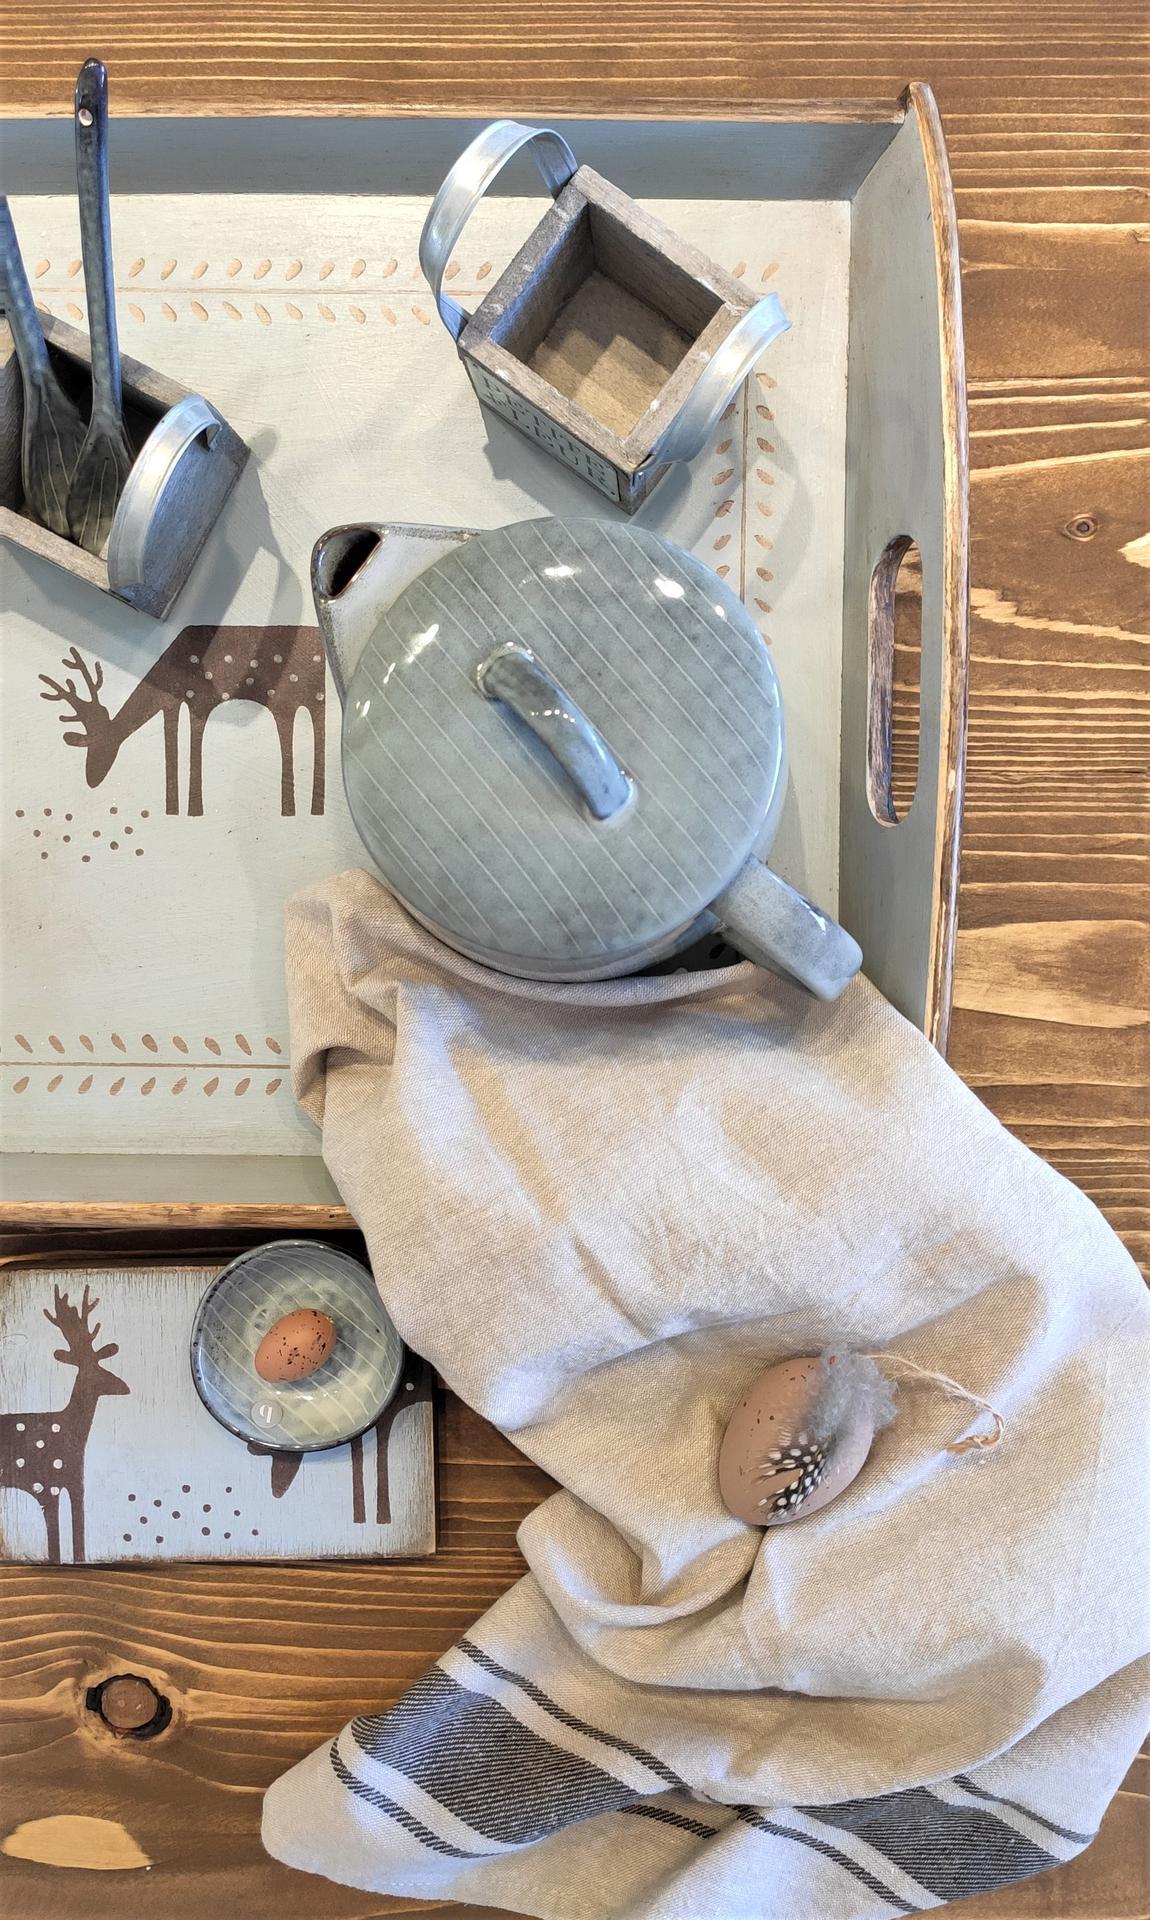 Relaxačný domček sauna a oddychová miestnosť ... plány, príprava a realizácia - Obrázok č. 63